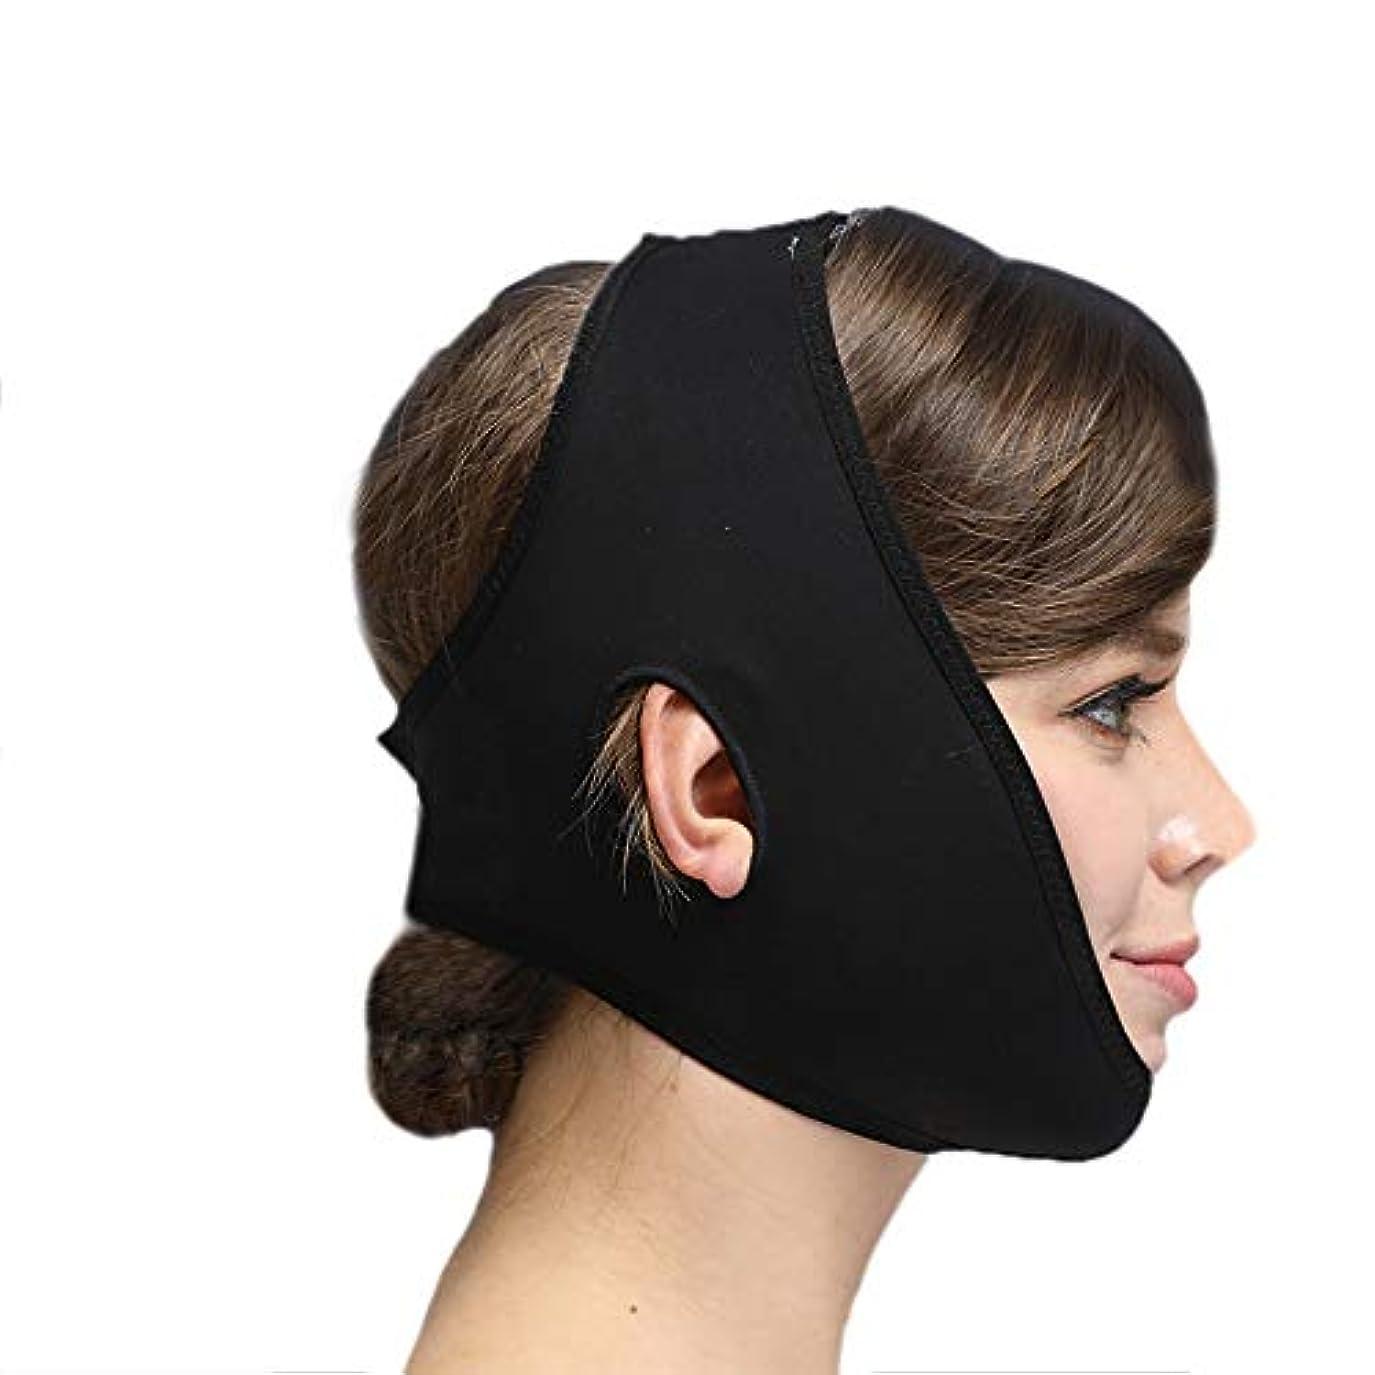 便益教養があるホットXHLMRMJ 顔の痩身マスク、快適で通気性のある、顔面の持ち上がることおよび輪郭を描くことで、堅さの向上、引き締まることおよび顔を持ち上げること (Color : Black2, Size : L)